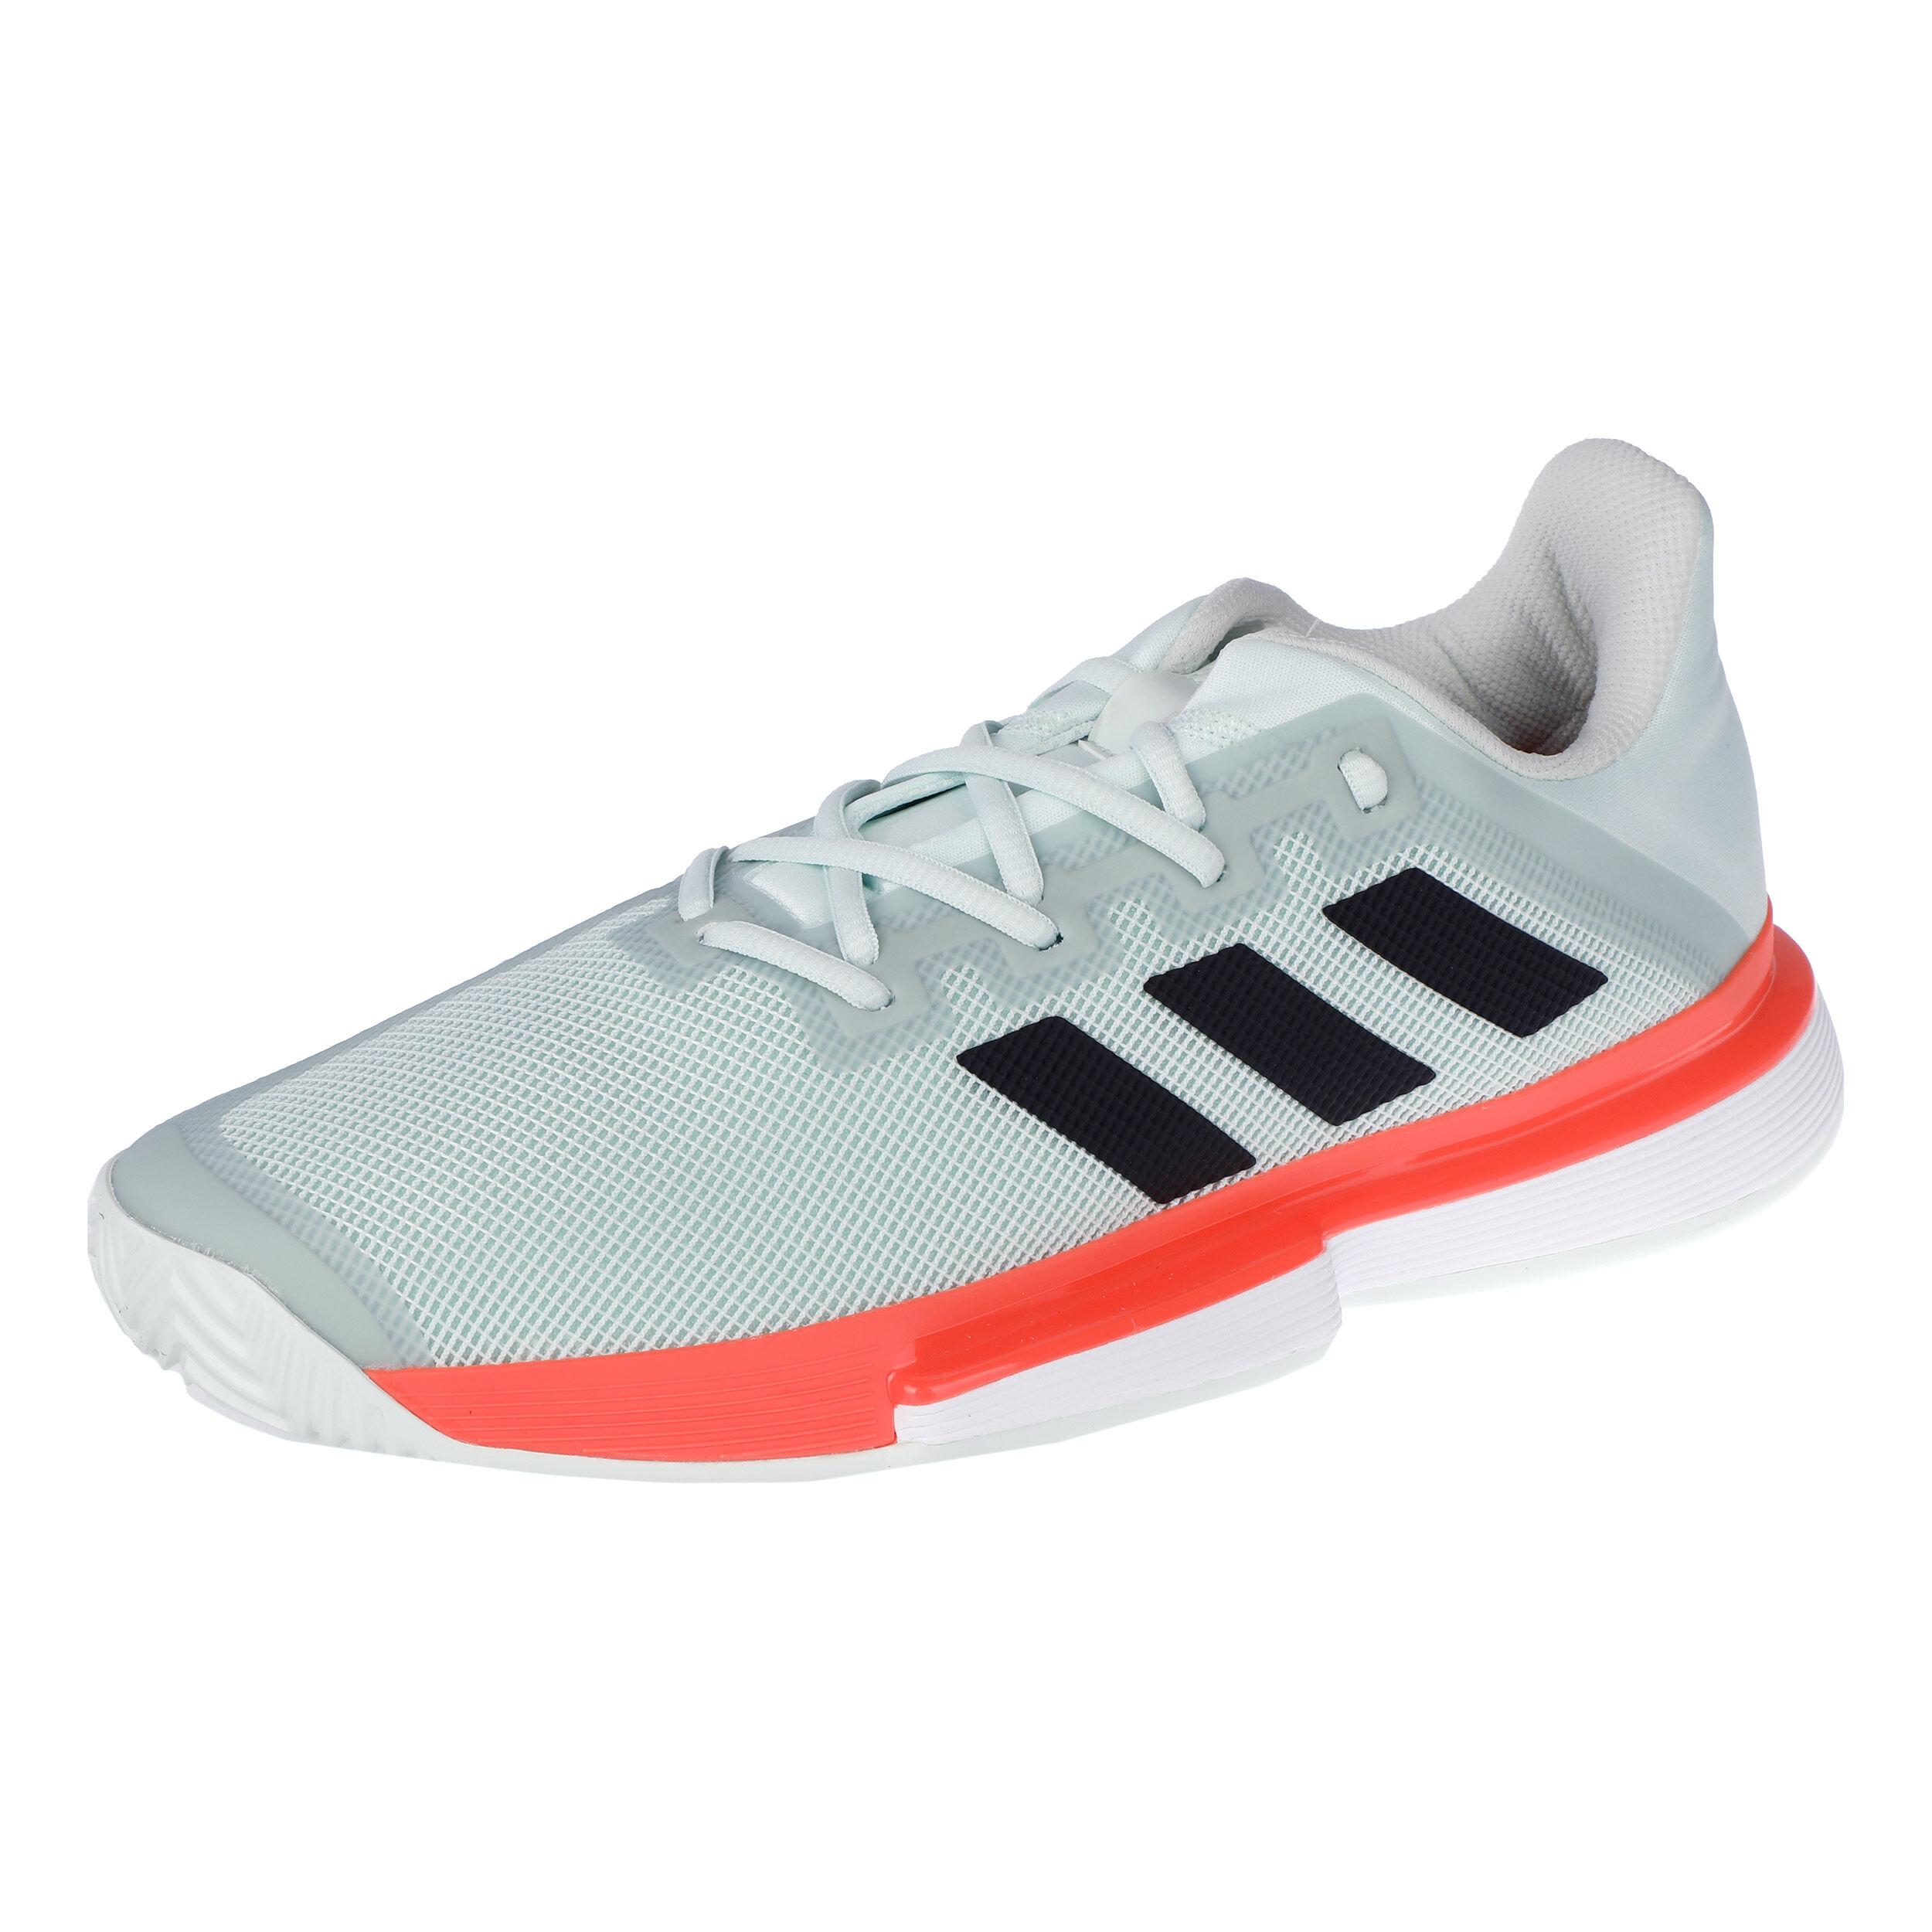 Sole Match Bounce Chaussures Toutes Surfaces Hommes Mint, Noir